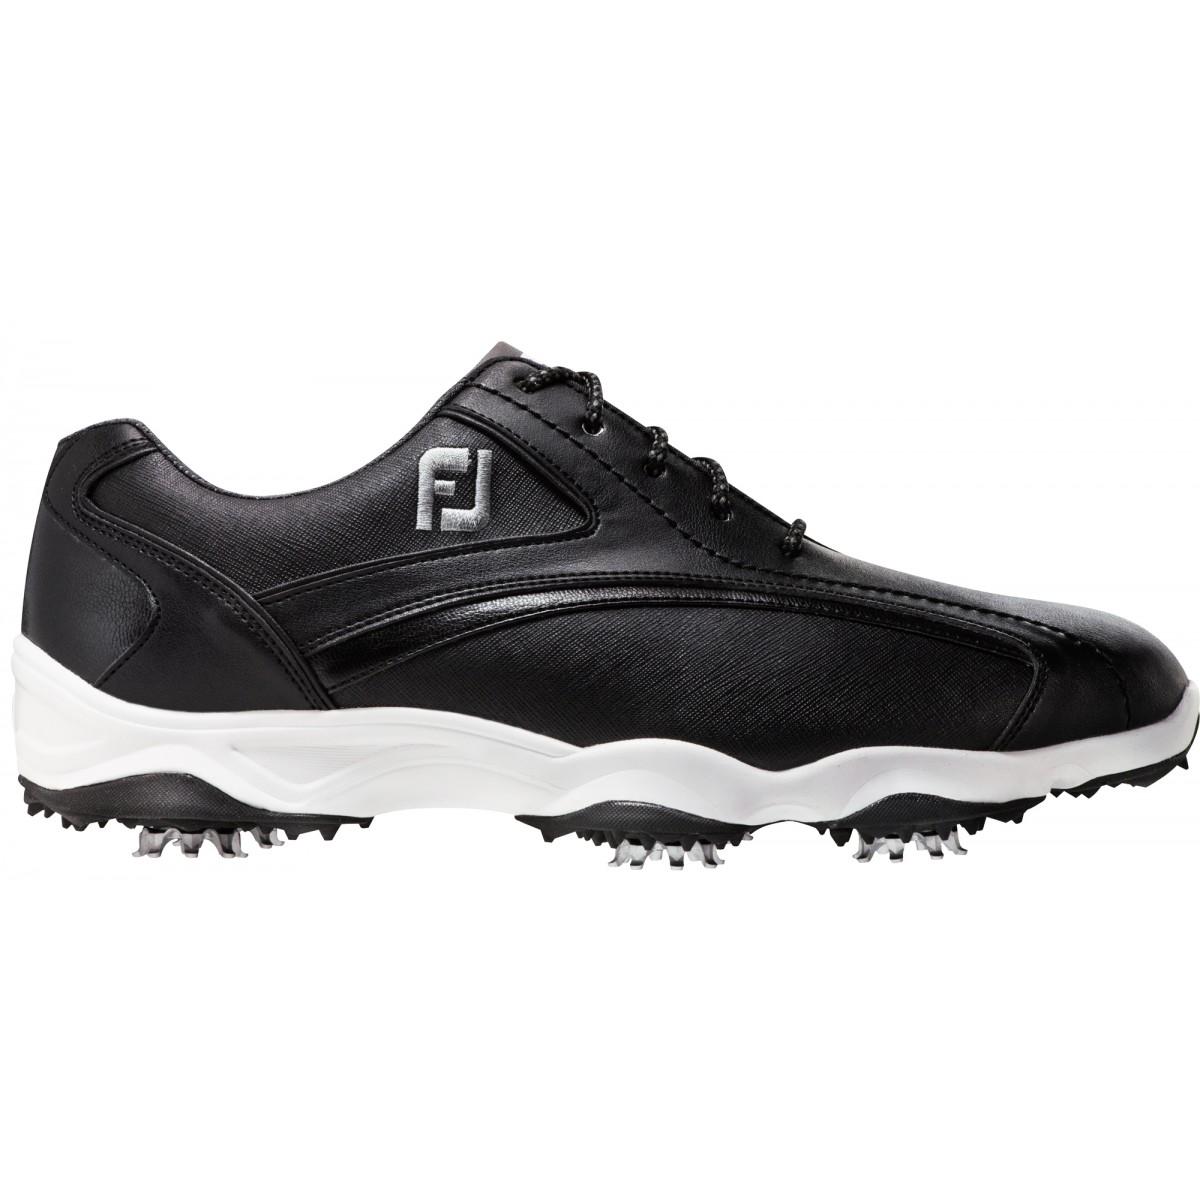 Footjoy Men S Superlites Golf Shoes